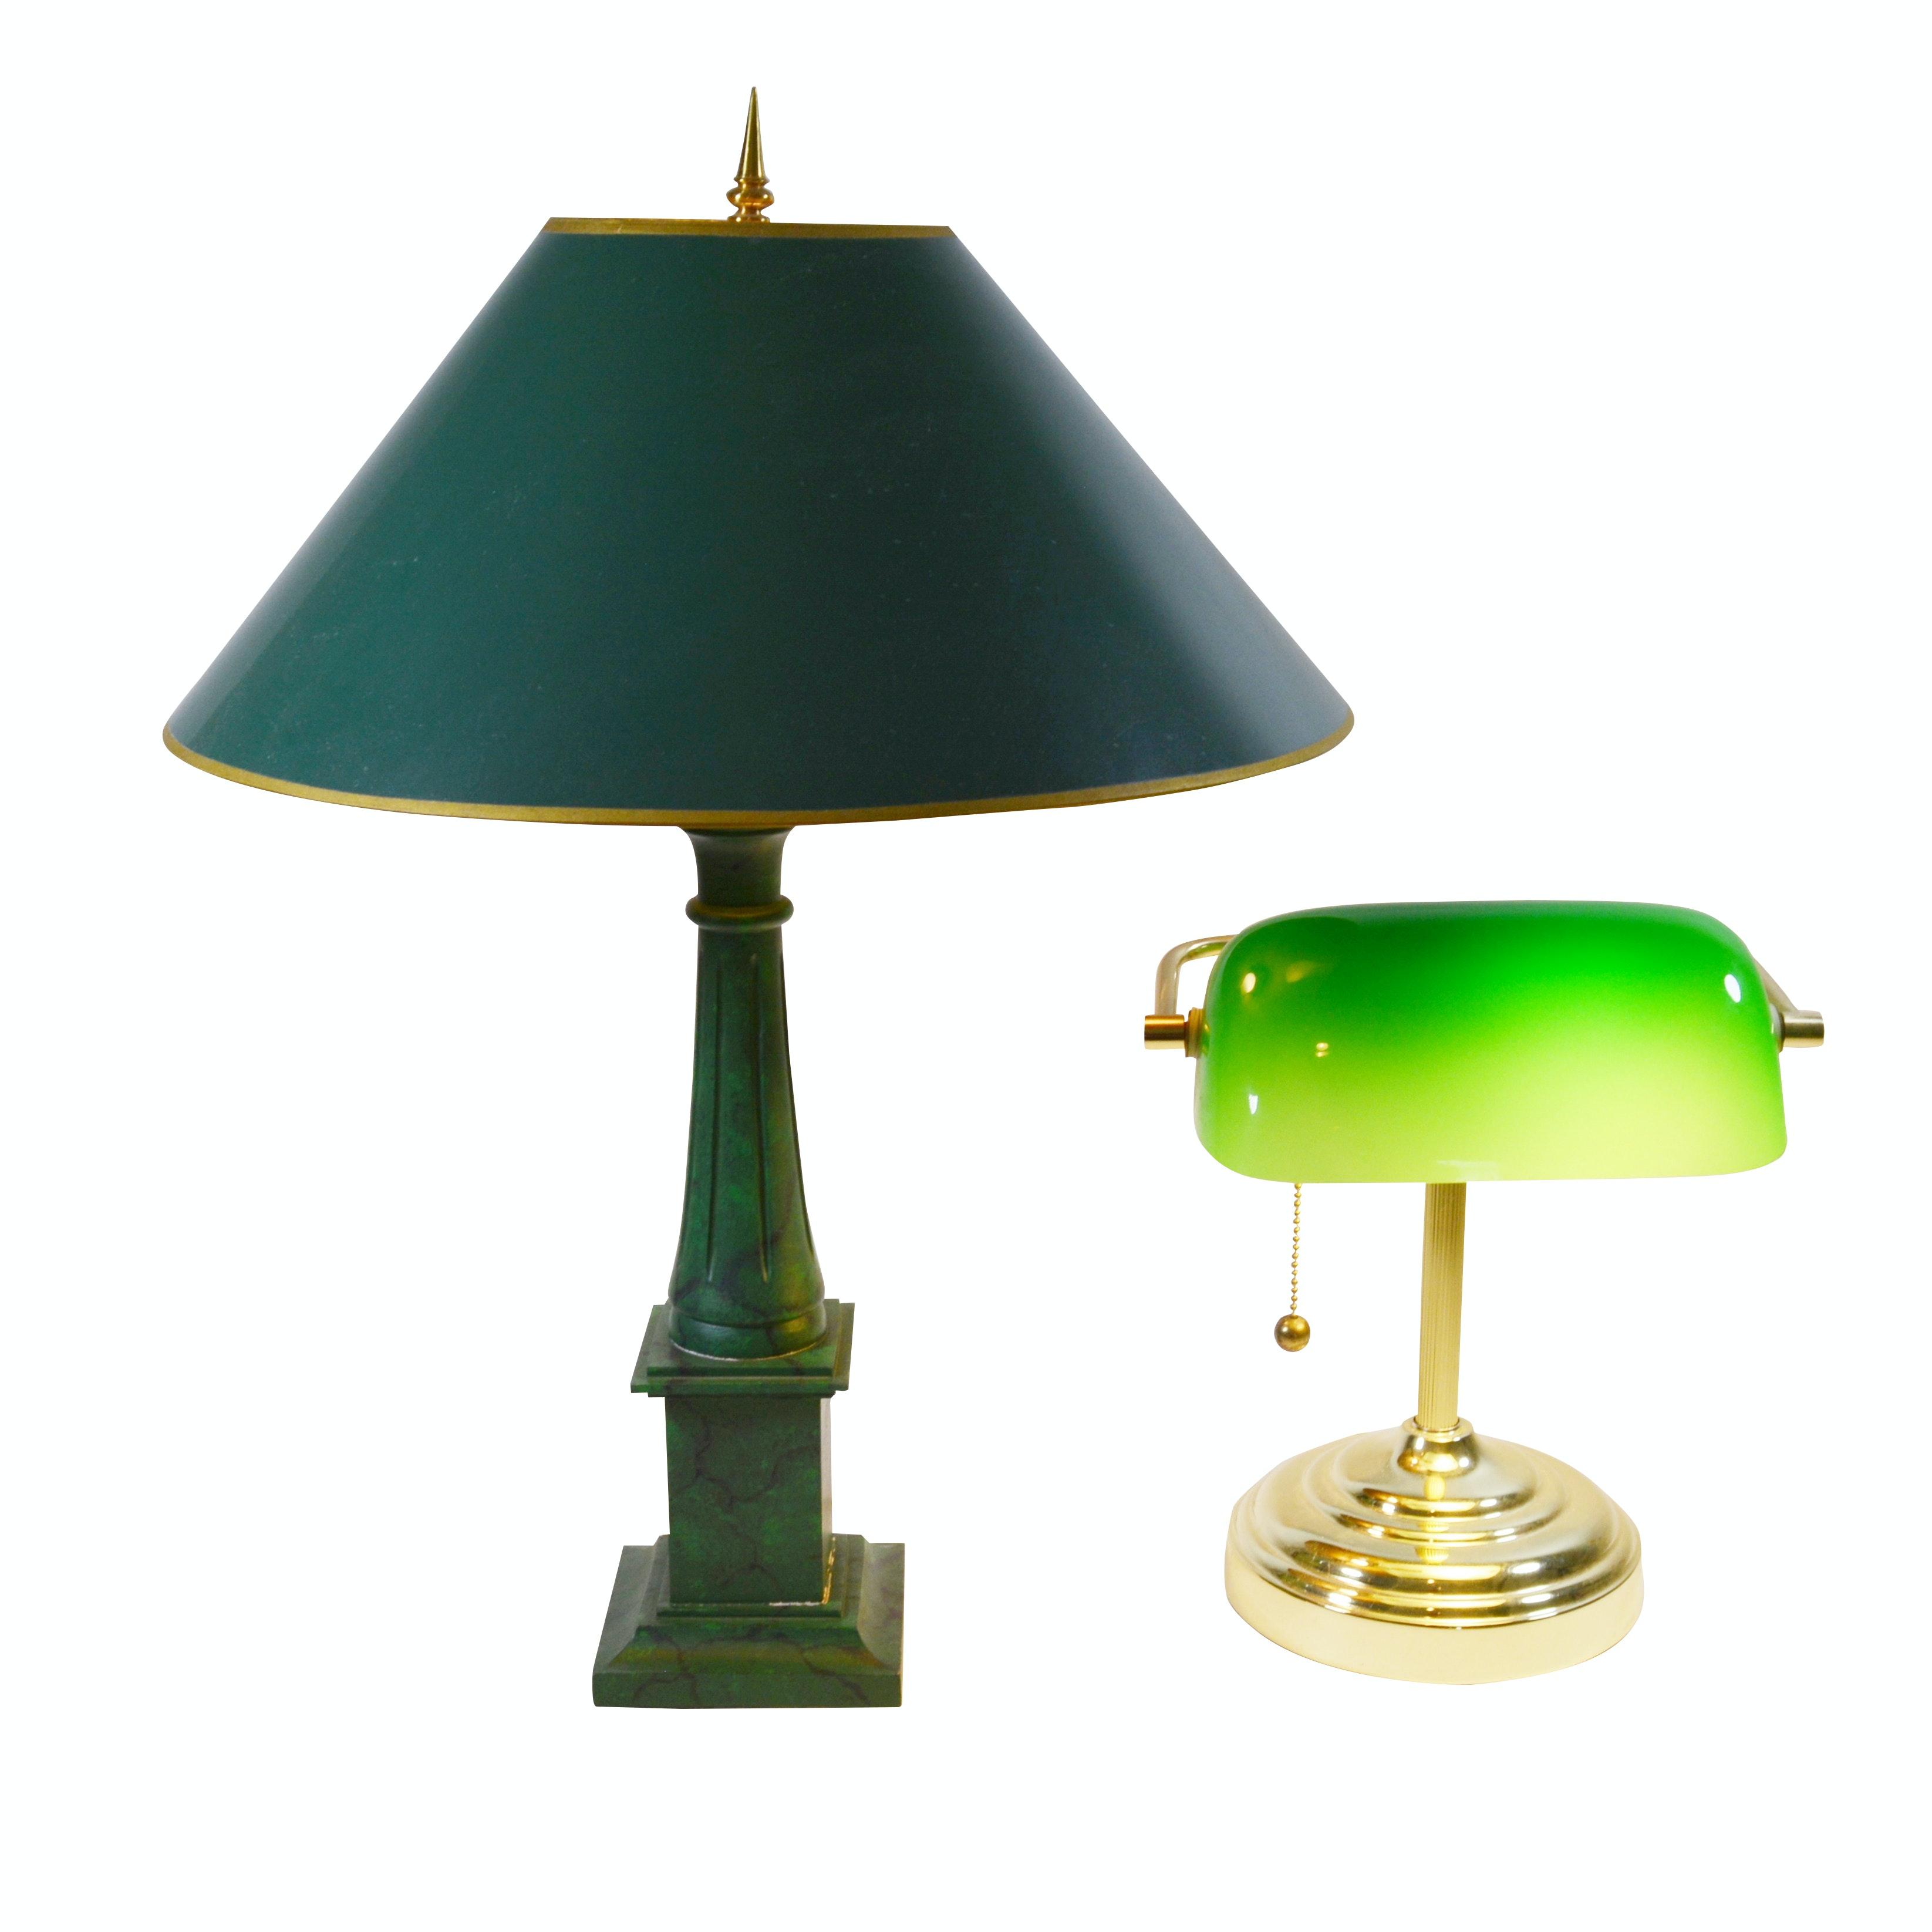 Green Fluted Columnar Table Lamp and Banker's Desk Lamp